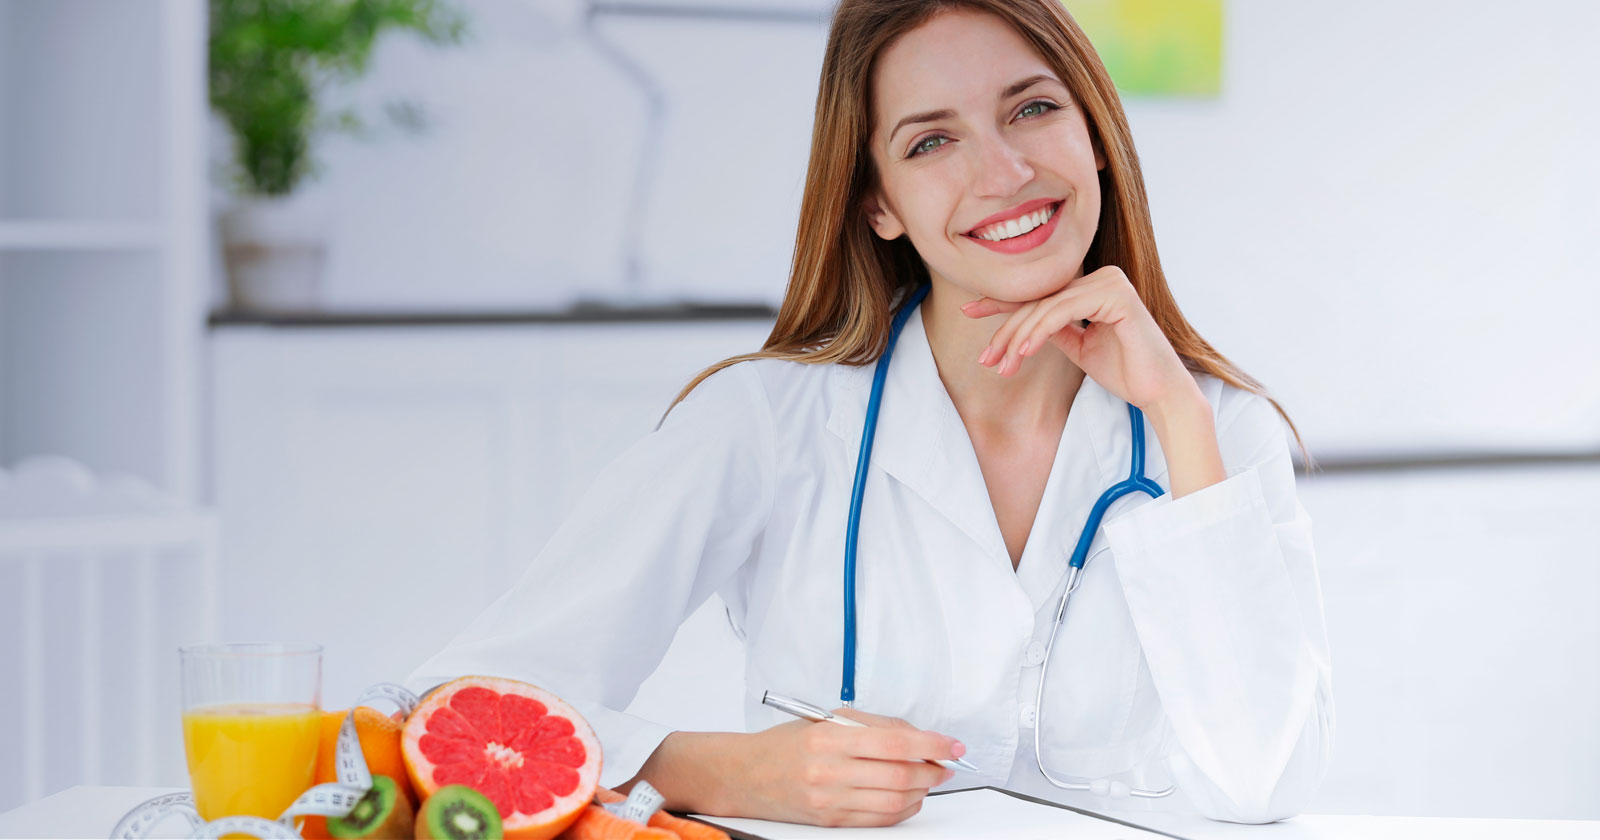 Nutricion clinica y manejo integral de la obesidad